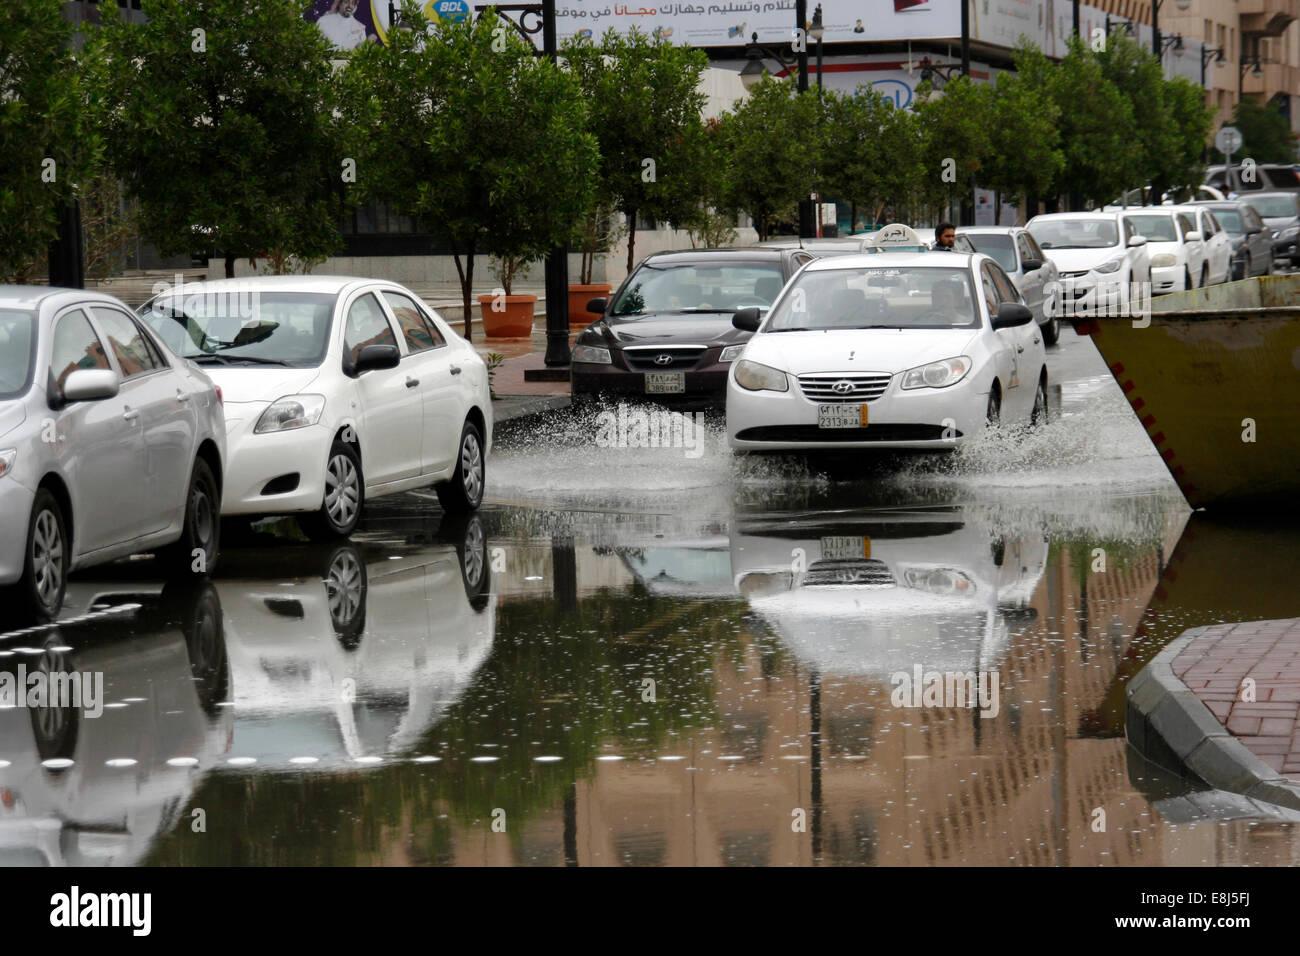 Un taxi a través de la construcción de unidades de agua de lluvia en las calles de Riad, Arabia Saudita Imagen De Stock